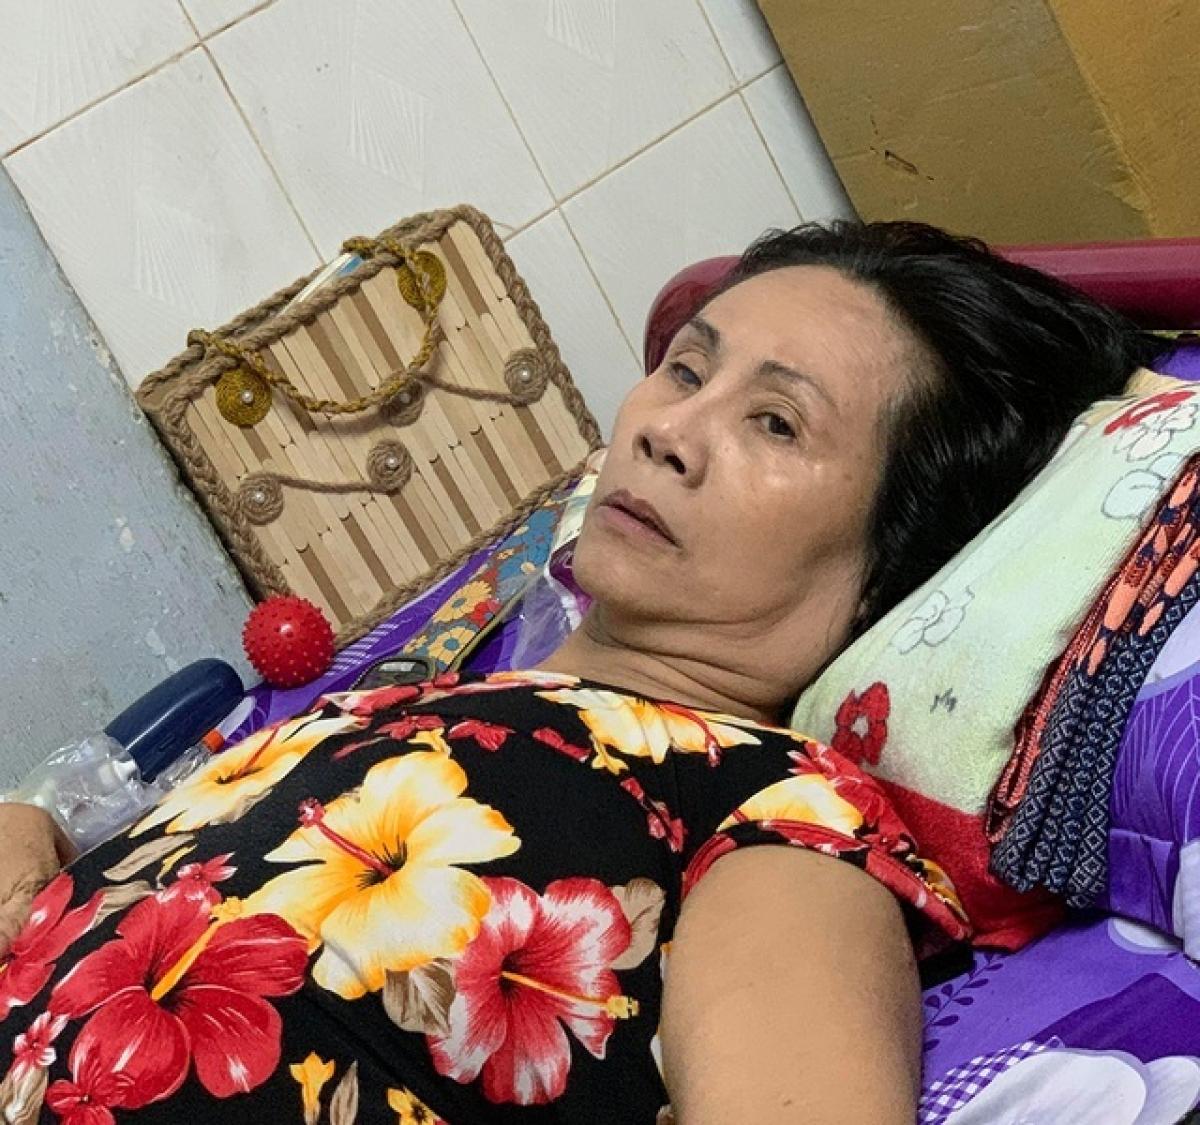 Do biến chứng, nữ nghệ sĩ khó khăn trong việc di chuyển và nhờ người thân chăm sóc.